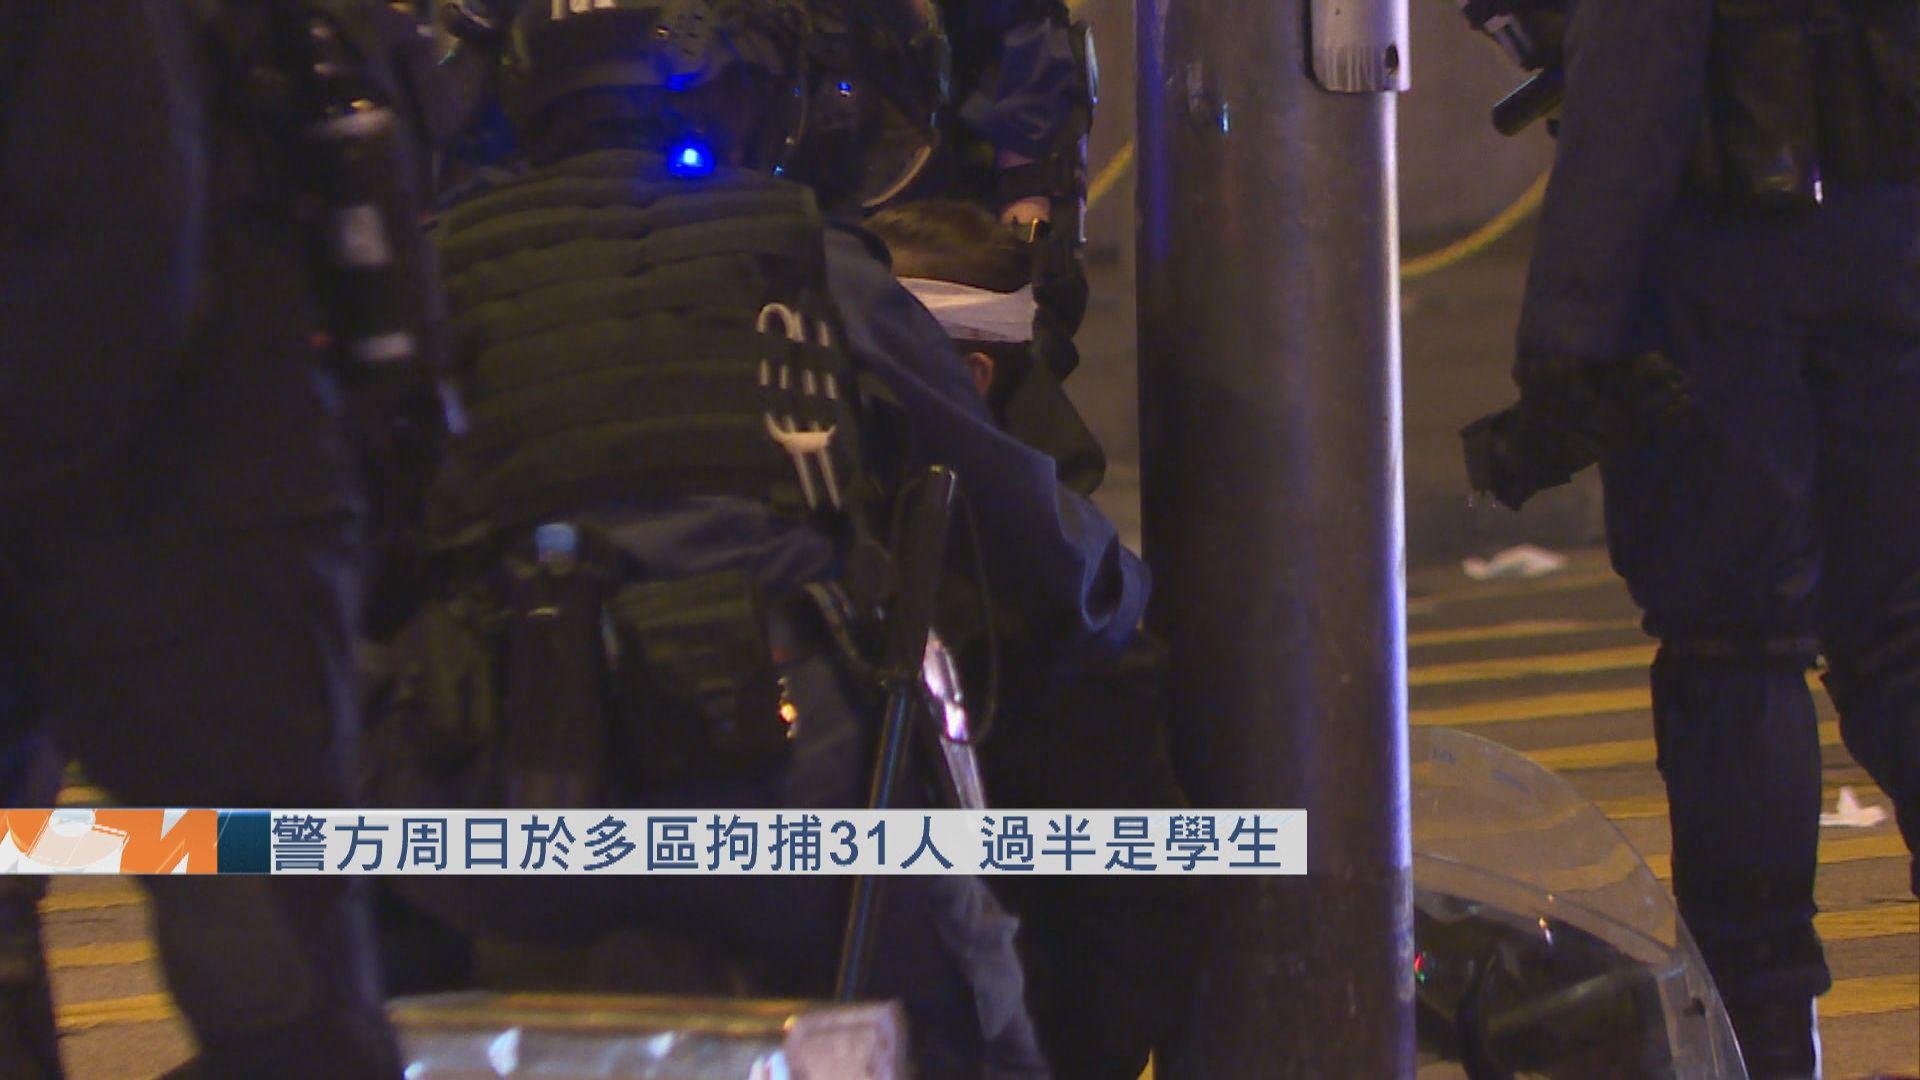 警方周日多區拘捕31人 過半是學生